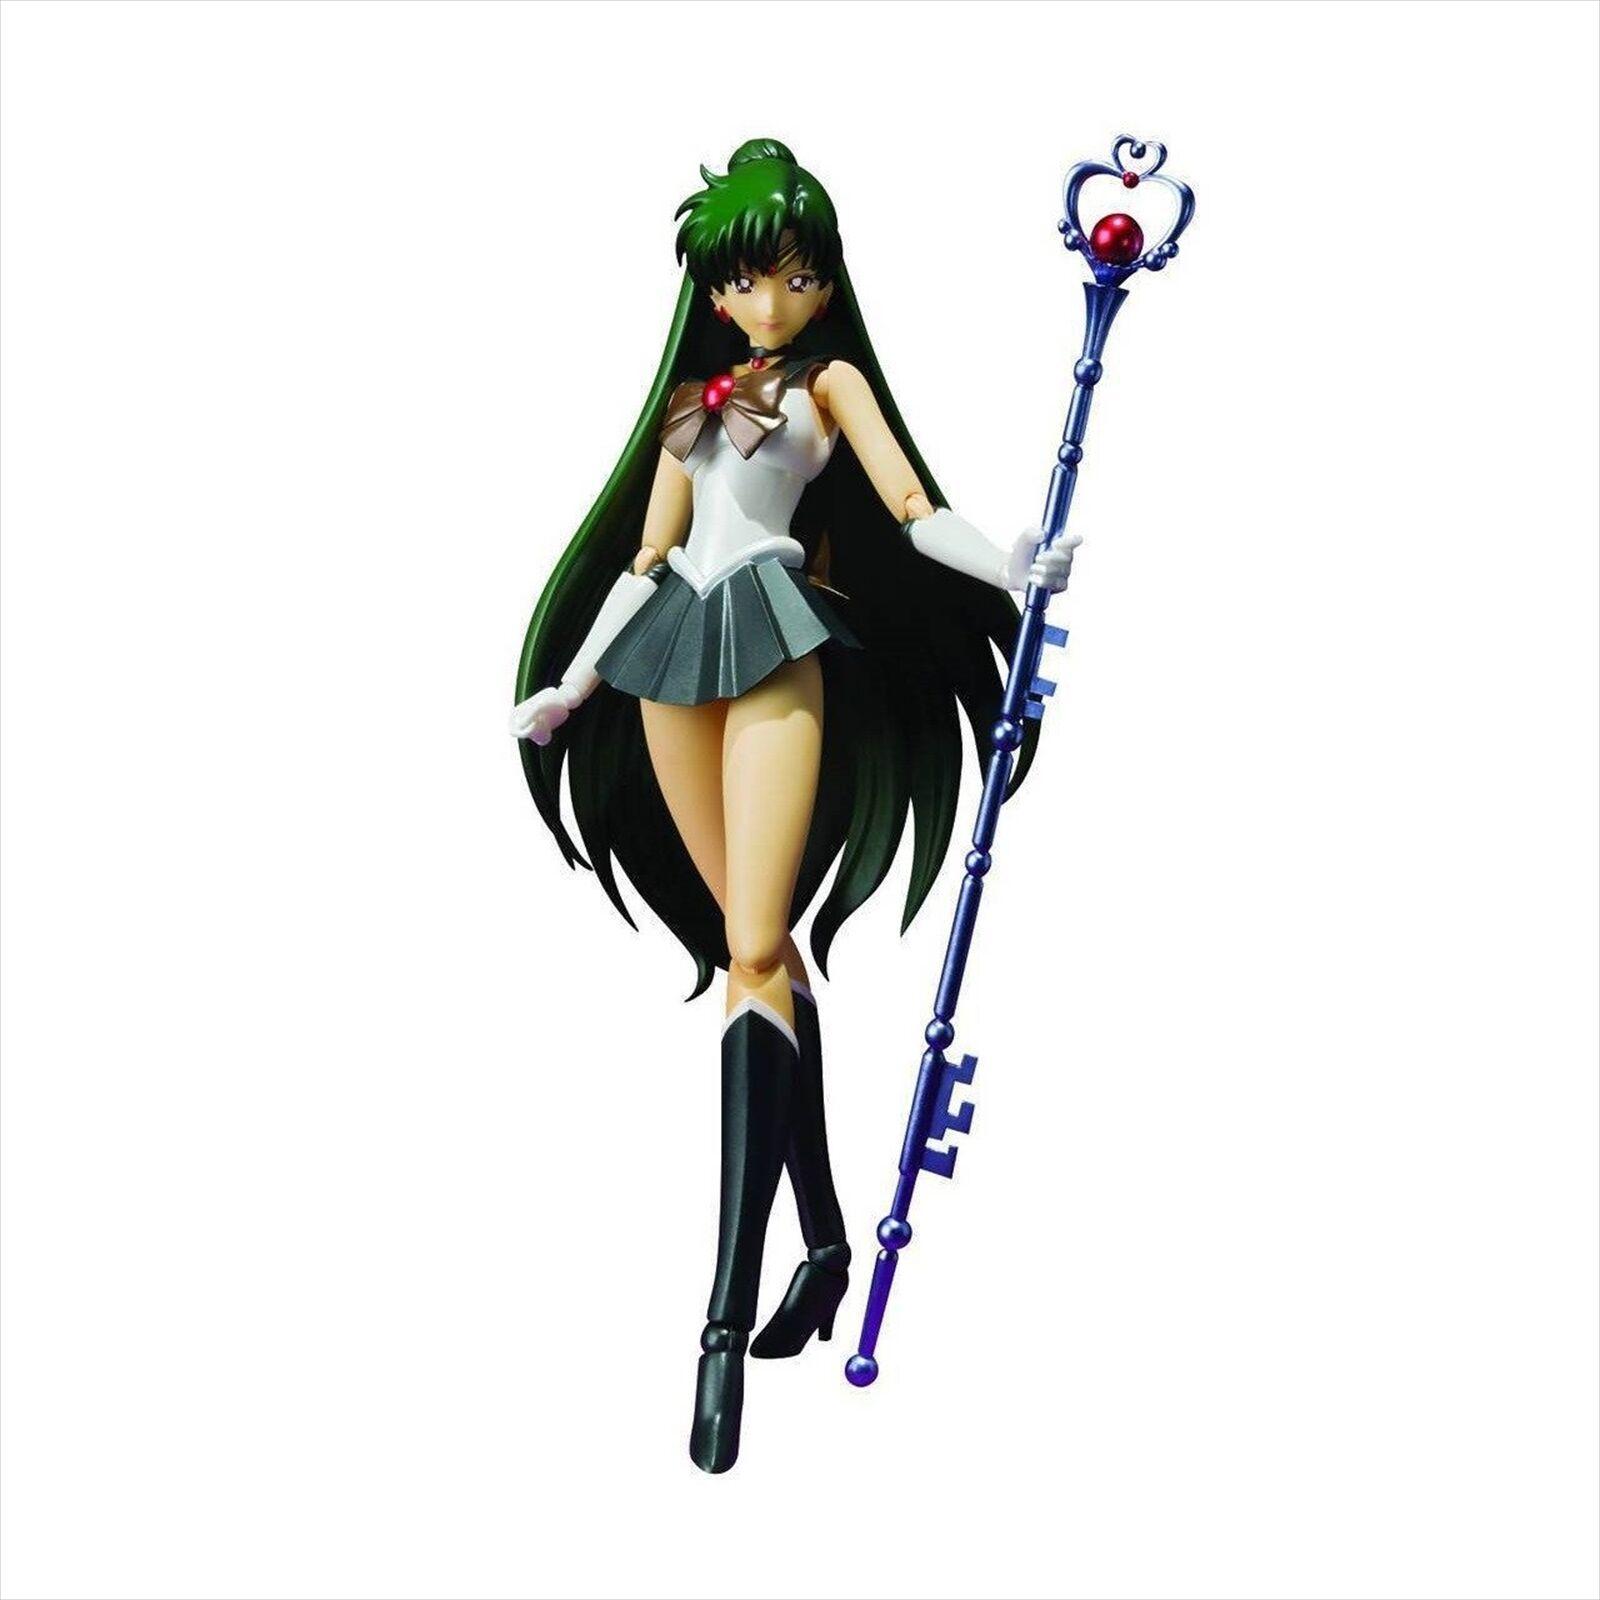 Beai  Tamashii Nations S.H. Figuarts Sailor Pluto Sailor Moon azione cifra  tutti i beni sono speciali